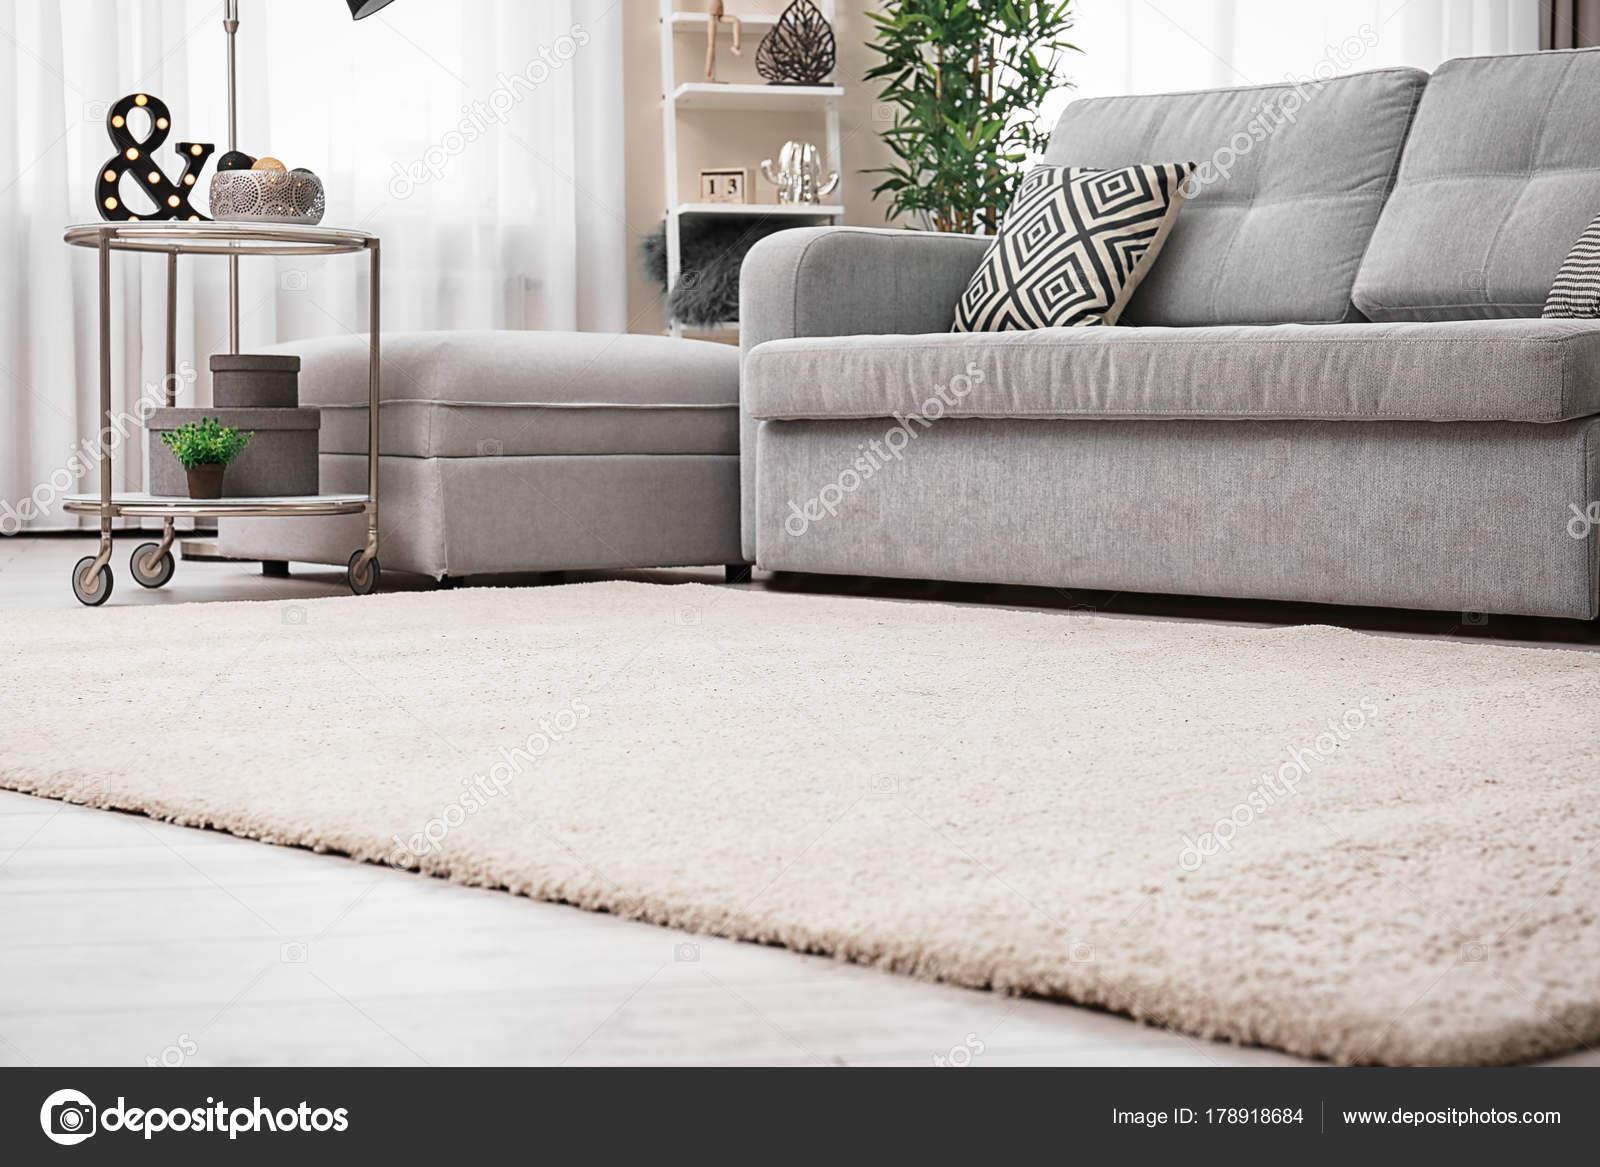 Moderne Wohnzimmer Interieur mit gemütlichen Sofa und weichen ...